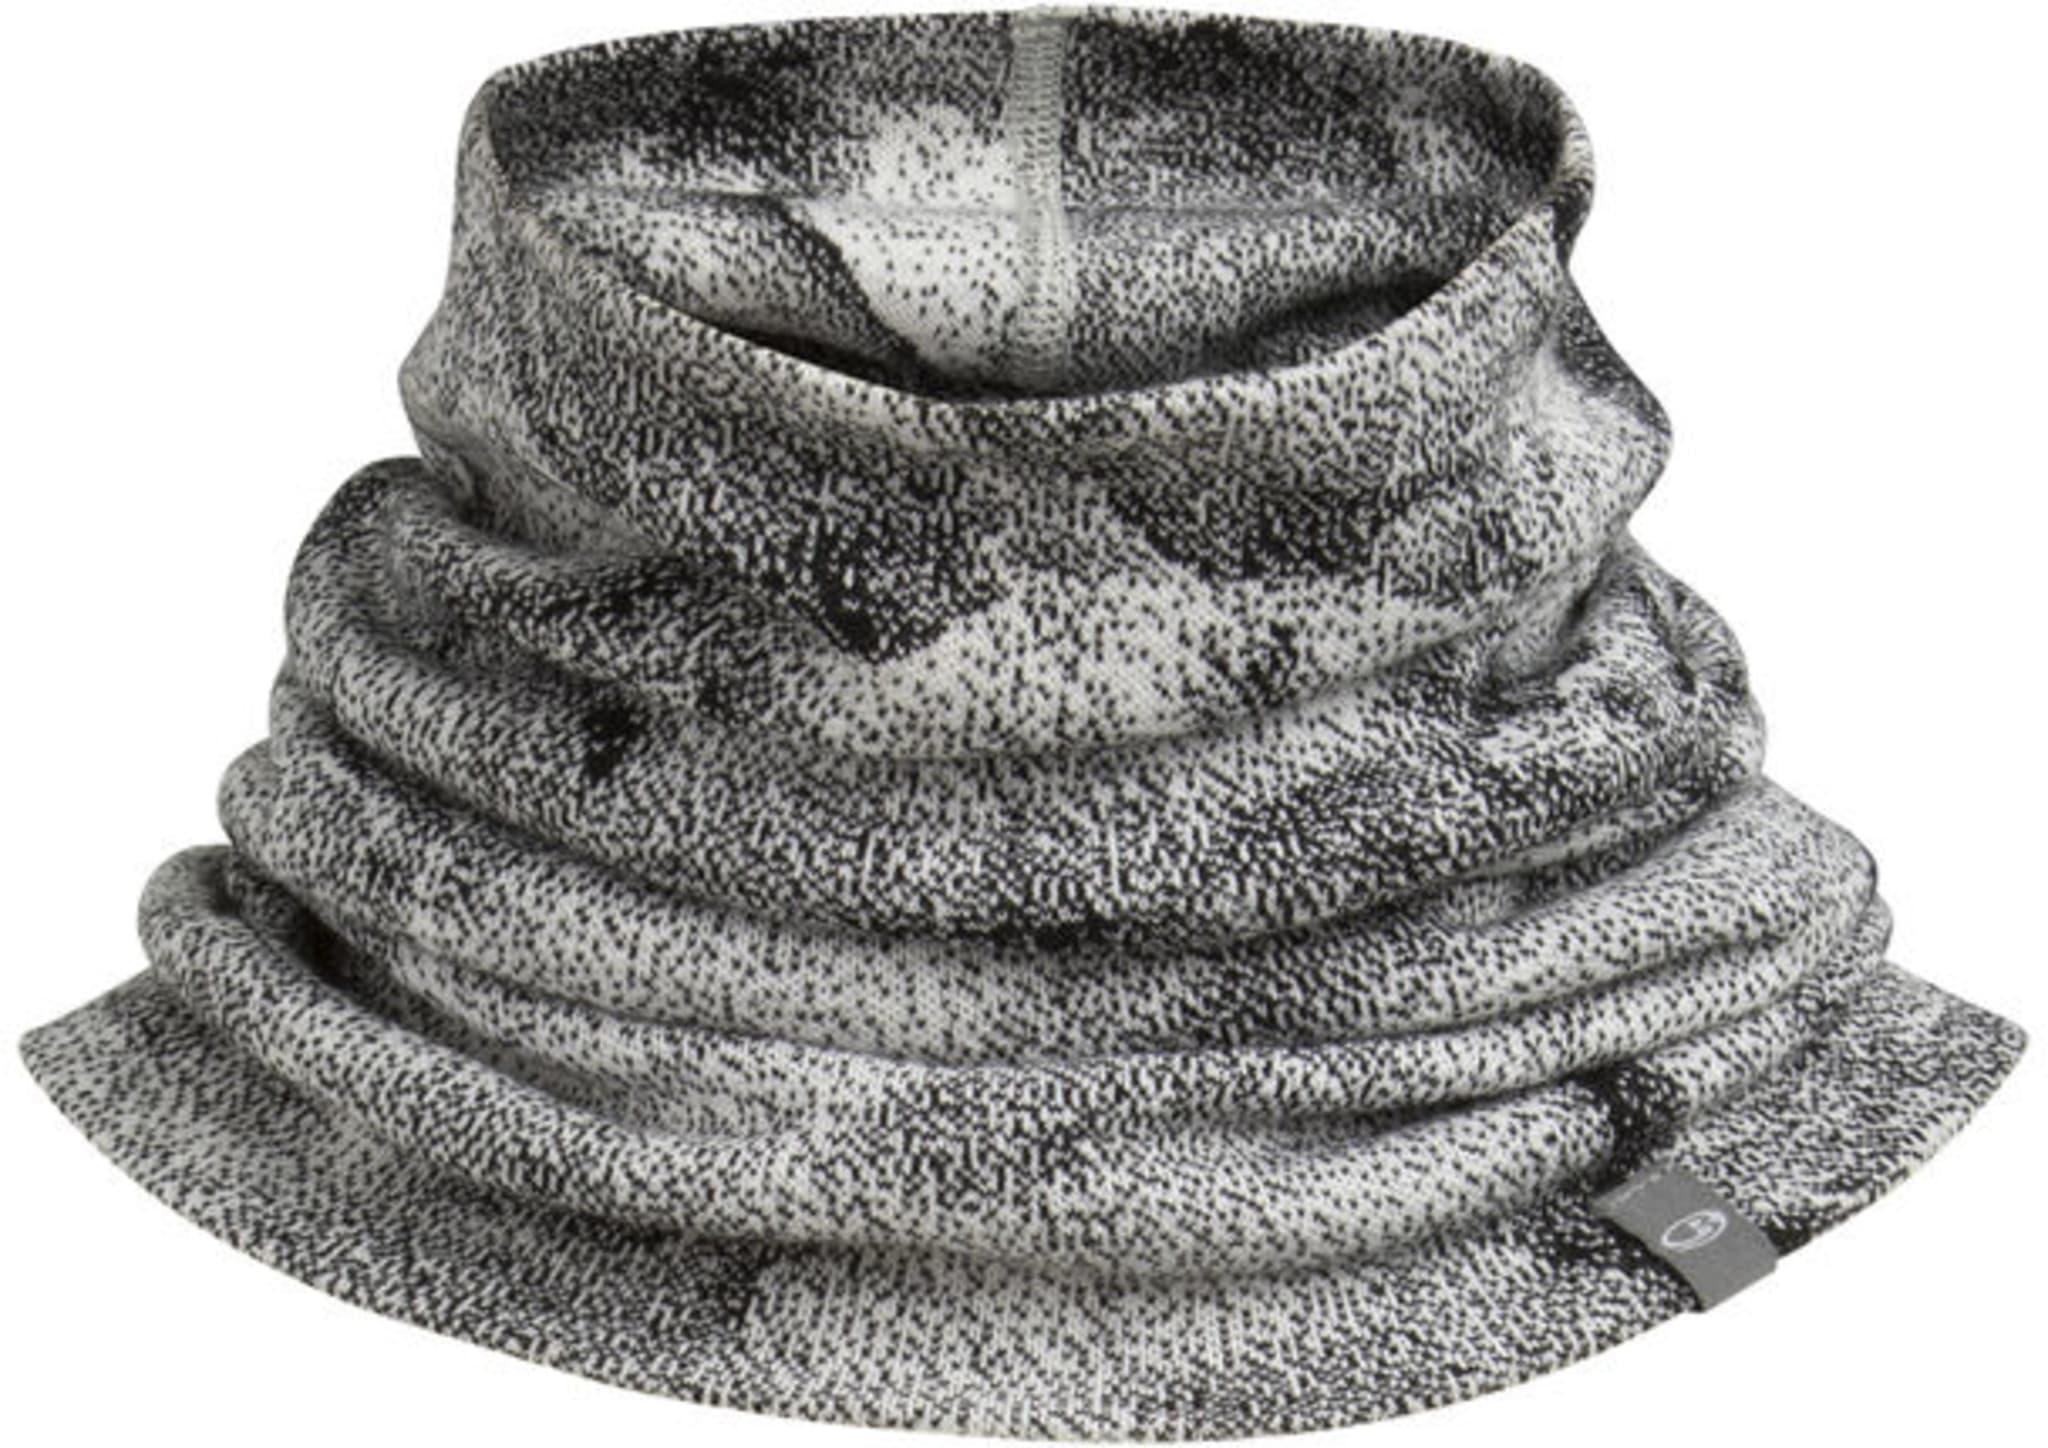 Varm hals laget i dobbelt materiale